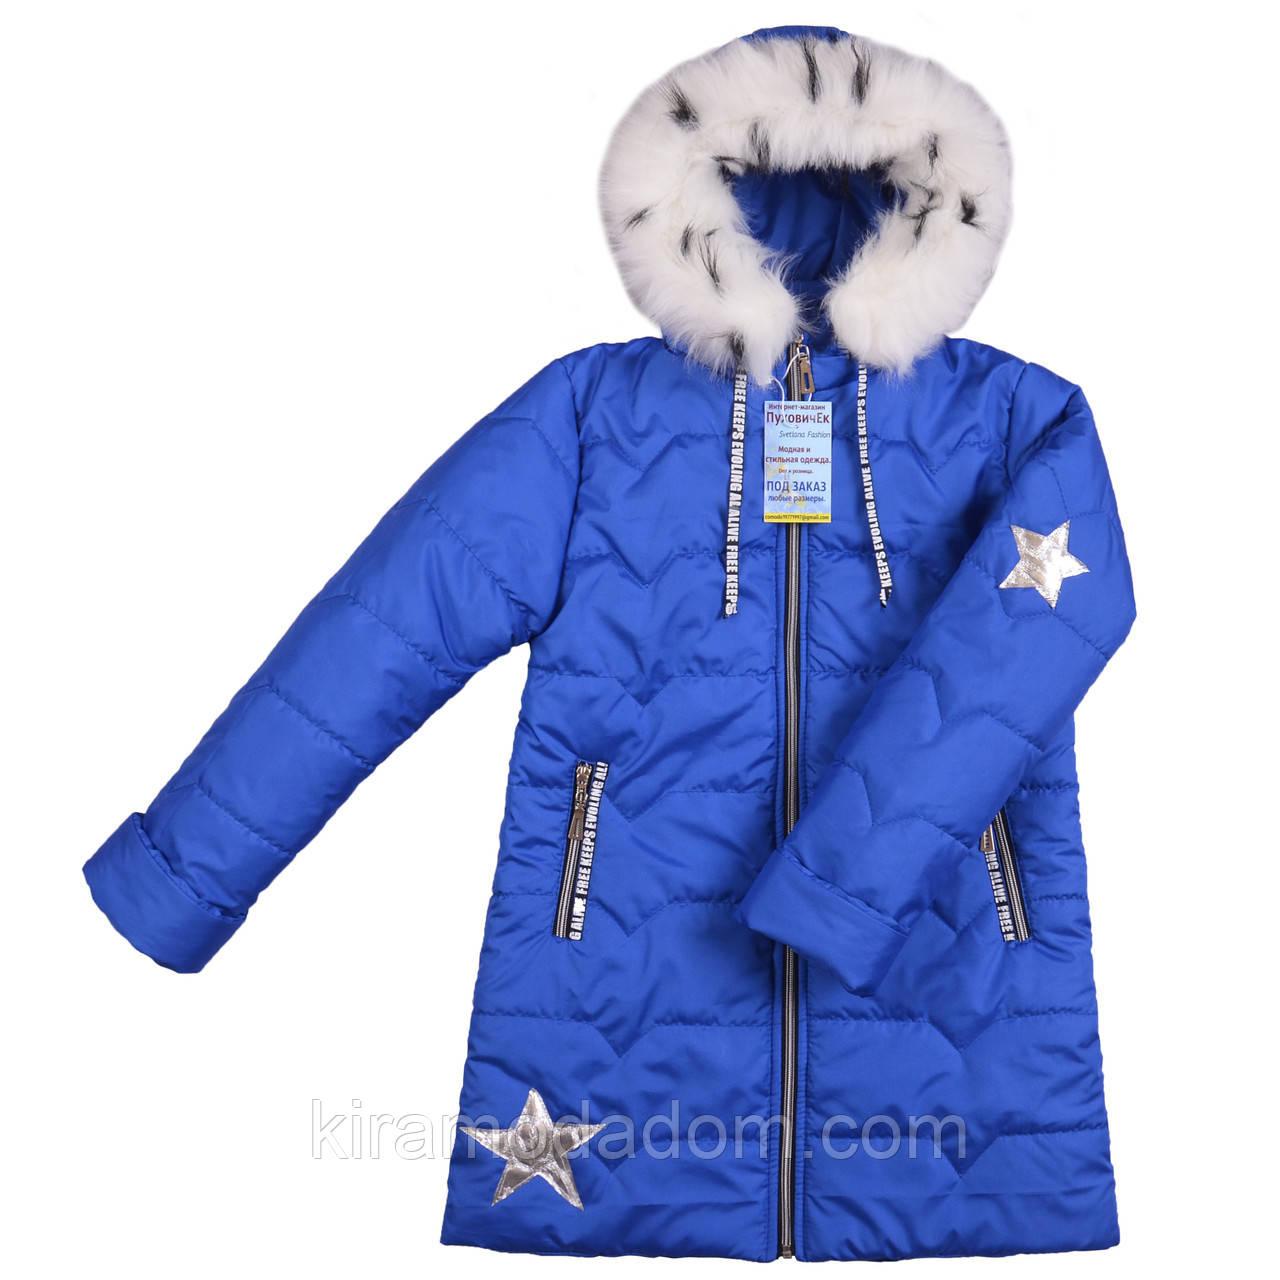 cb97e1aaf849 Зимние детские куртки для девочек тёплые  продажа, цена в Харькове ...